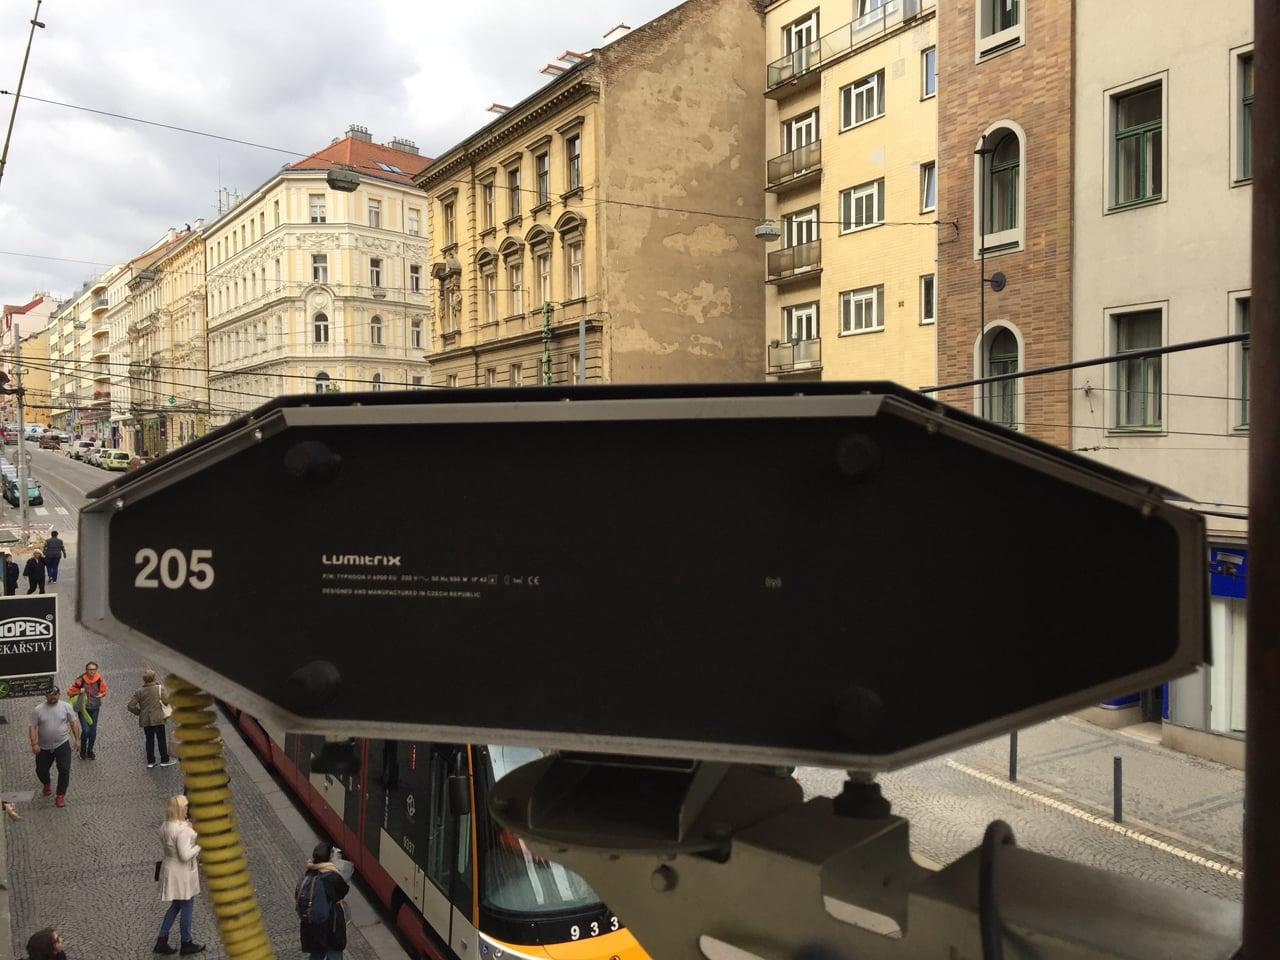 Outdoorový projektor od kopřivnické firmy Lumitrix